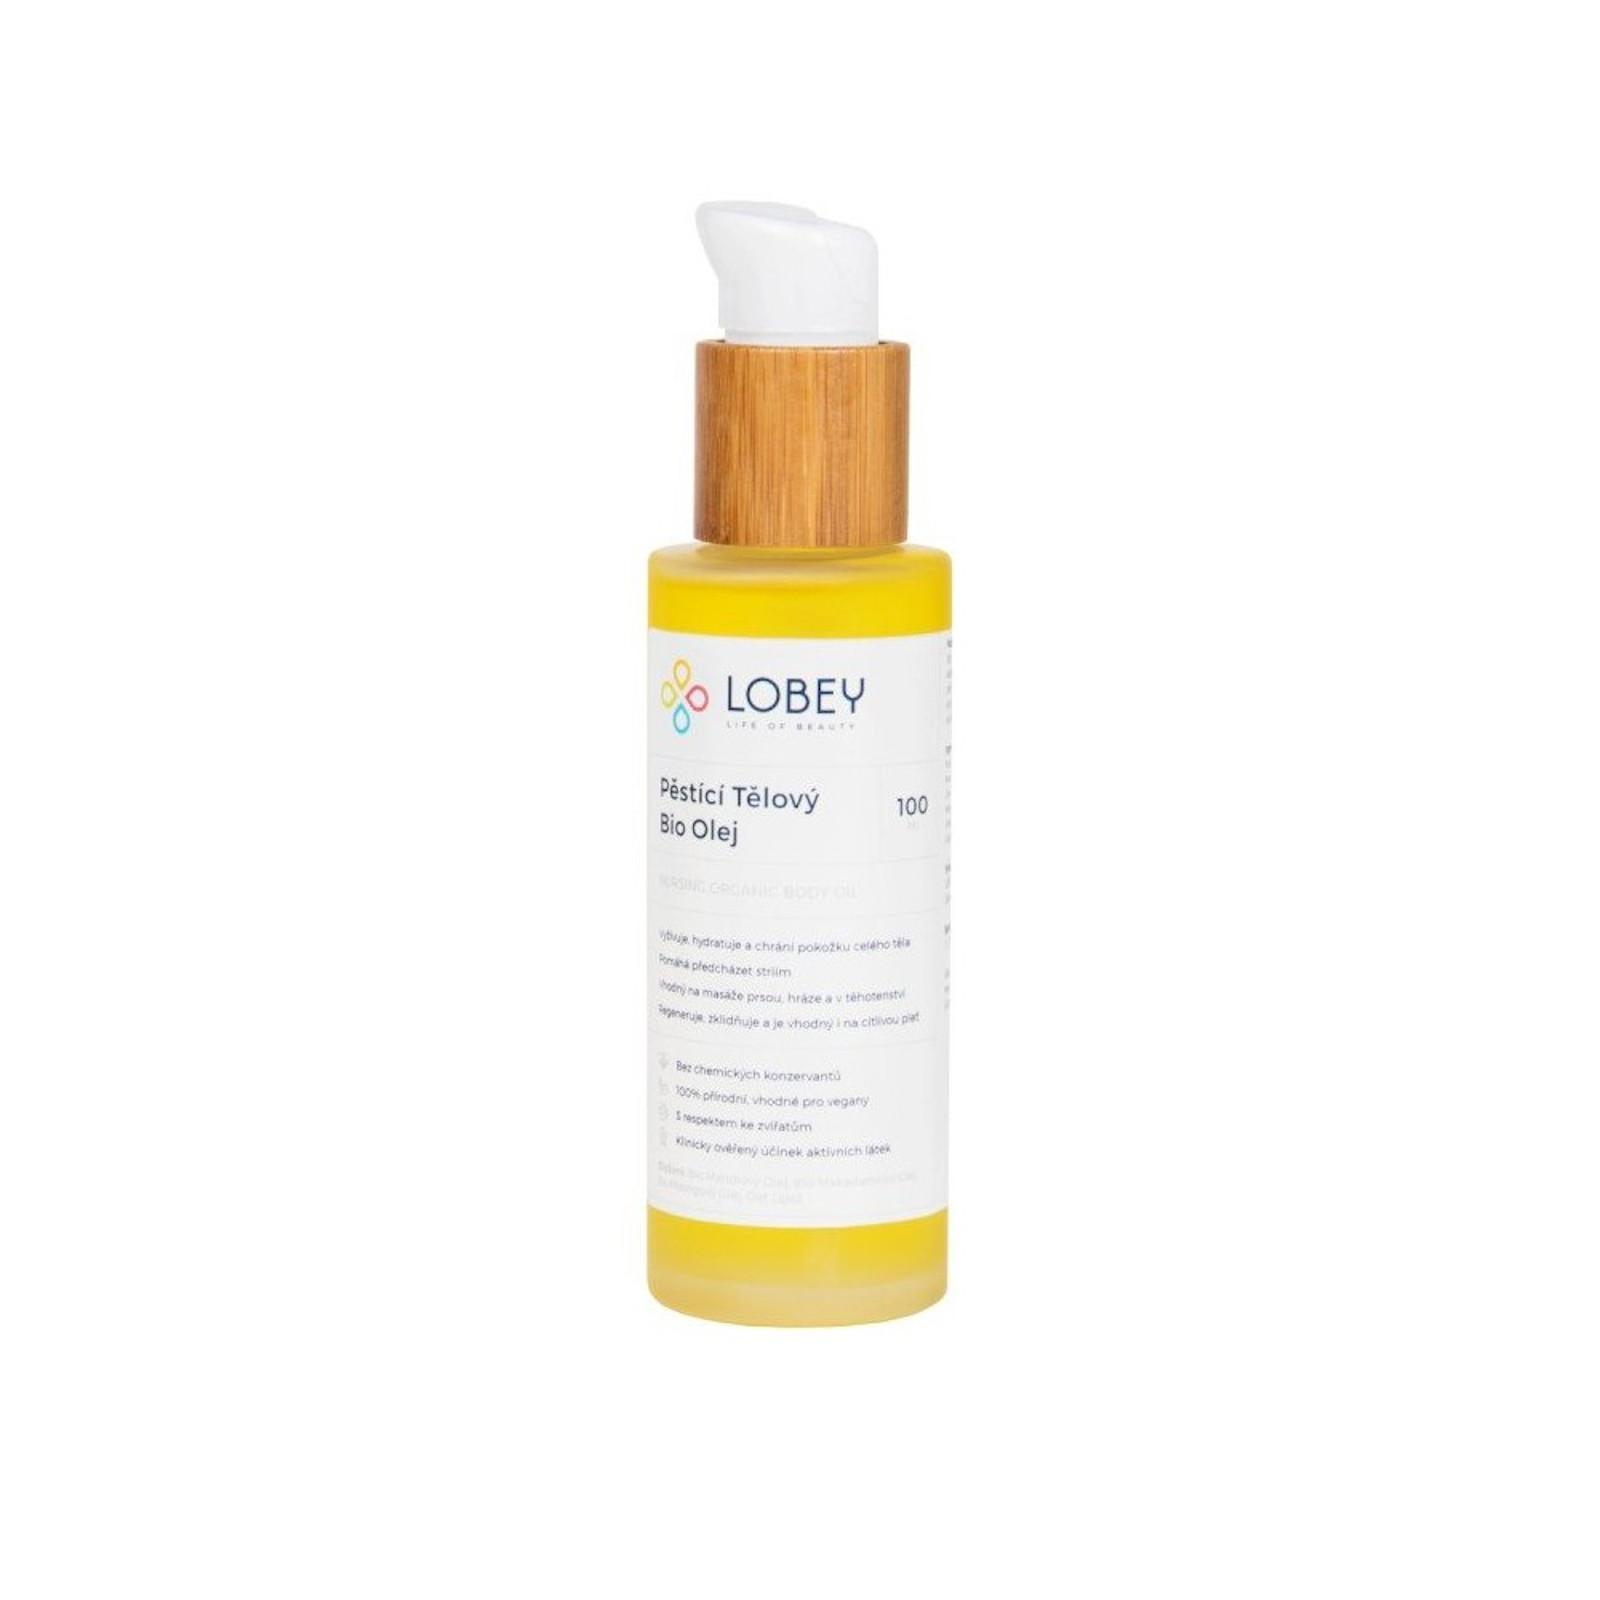 Lobey Pěstící tělový bio olej 100 ml